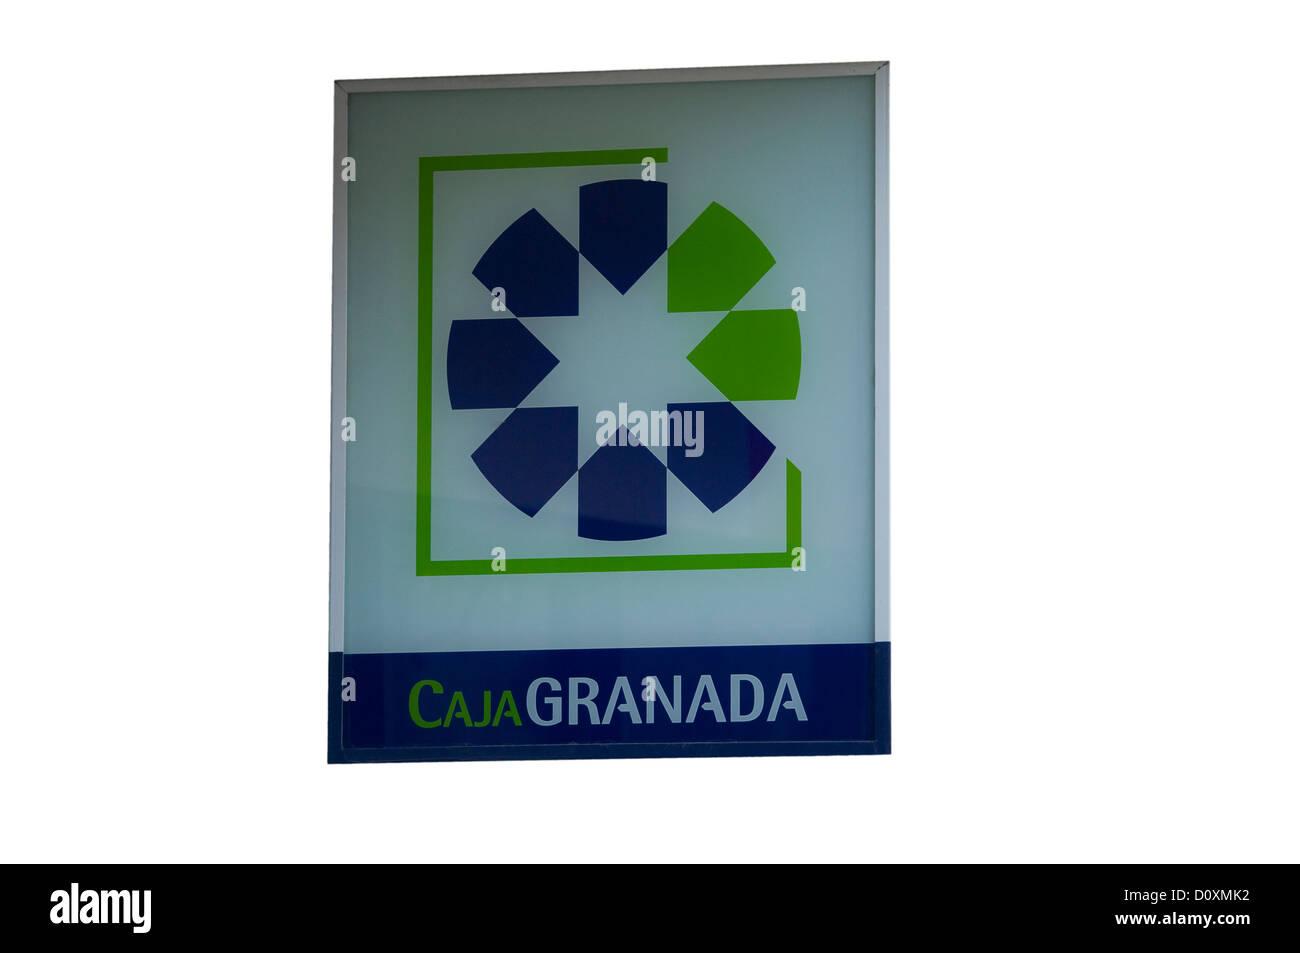 Caja Granada (Bank) Sign Spain - Stock Image